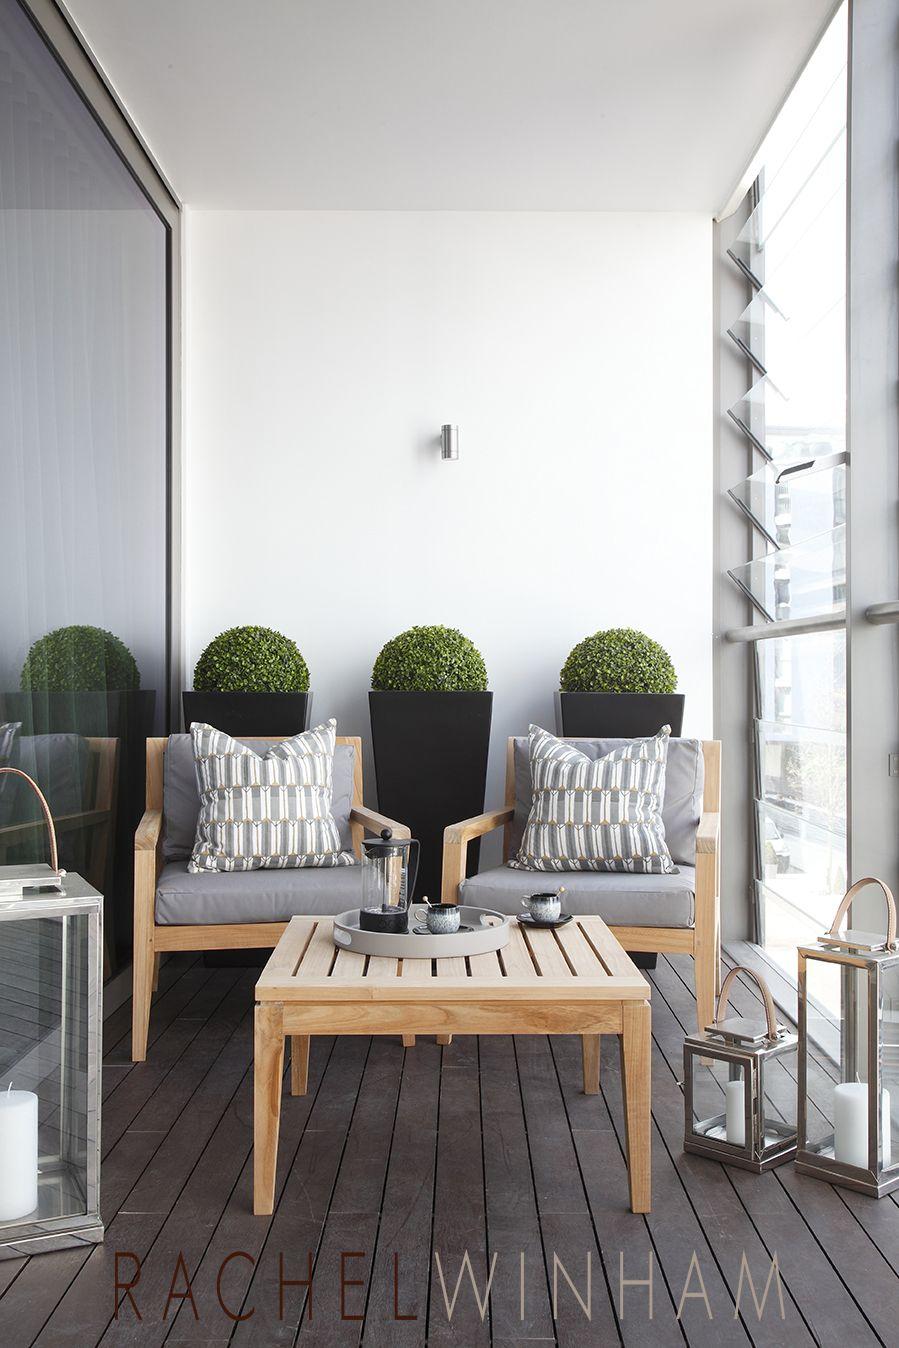 Um Pequeno Ambiente Para Colocar Plantas E Moveis Confortaveis São A Ideia  Desta Sacada.